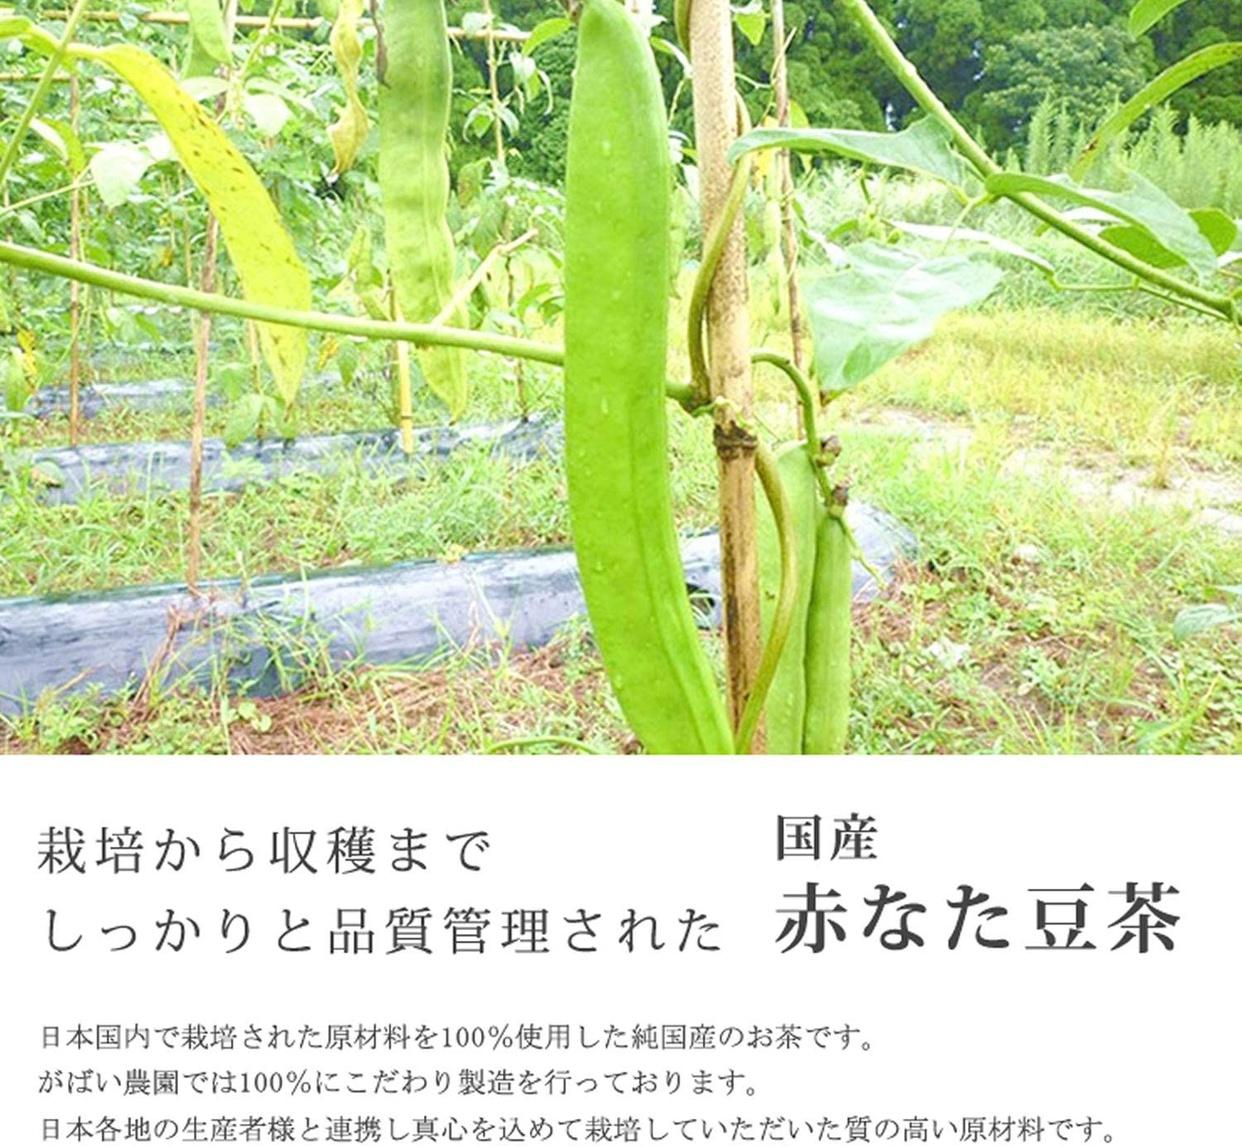 がばい農園 国産 赤なた豆茶の商品画像2